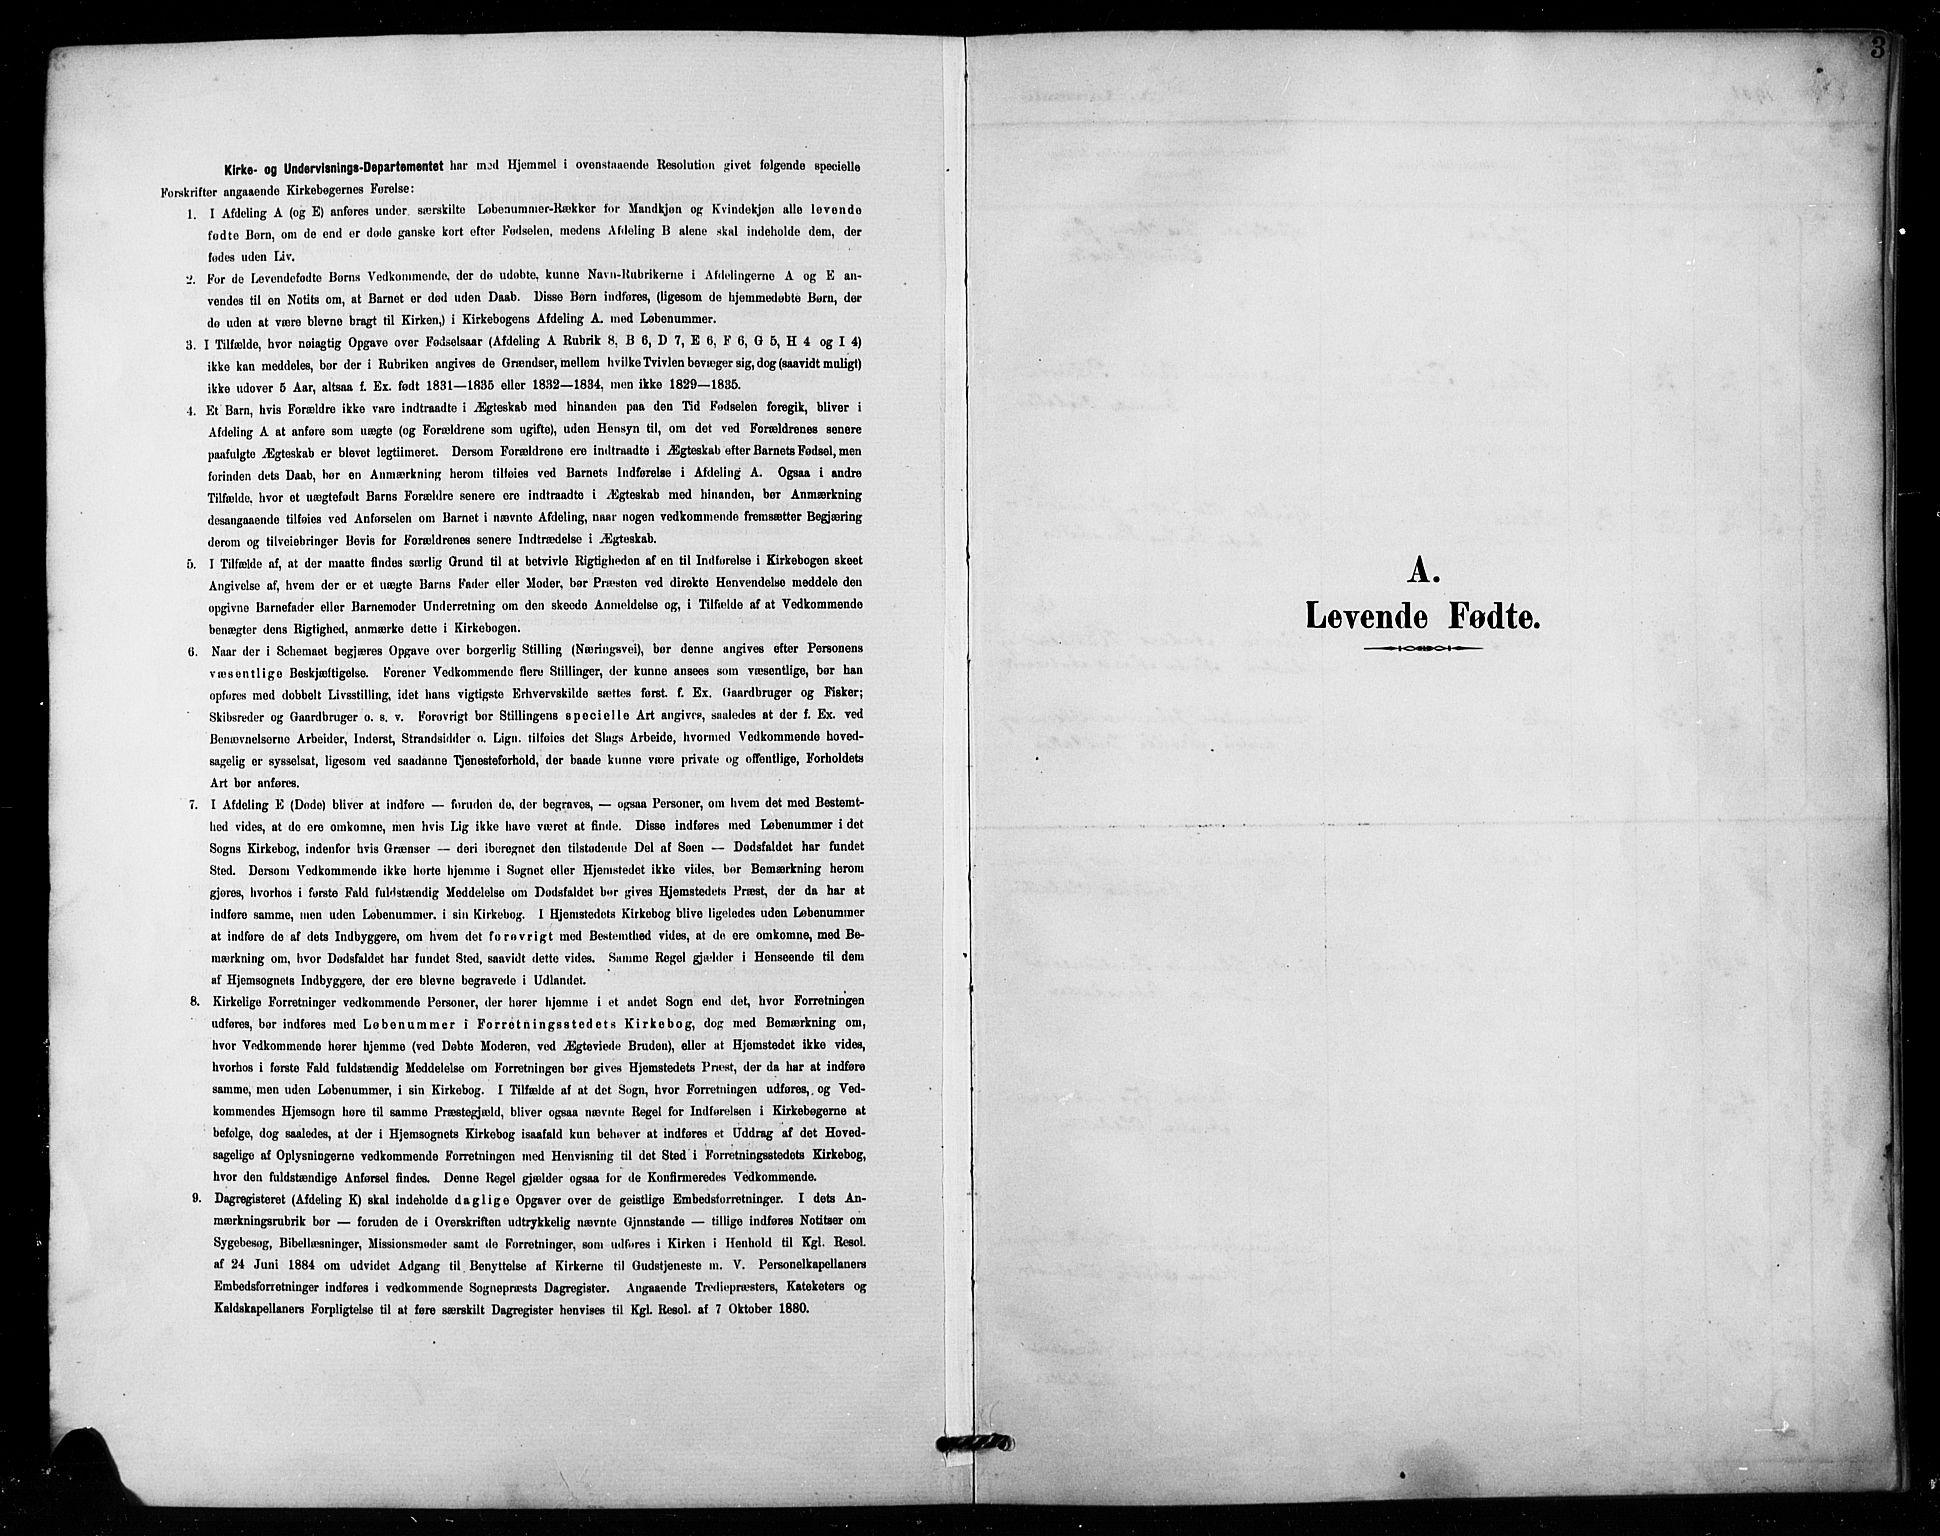 SAH, Vestre Toten prestekontor, Klokkerbok nr. 16, 1901-1915, s. 3